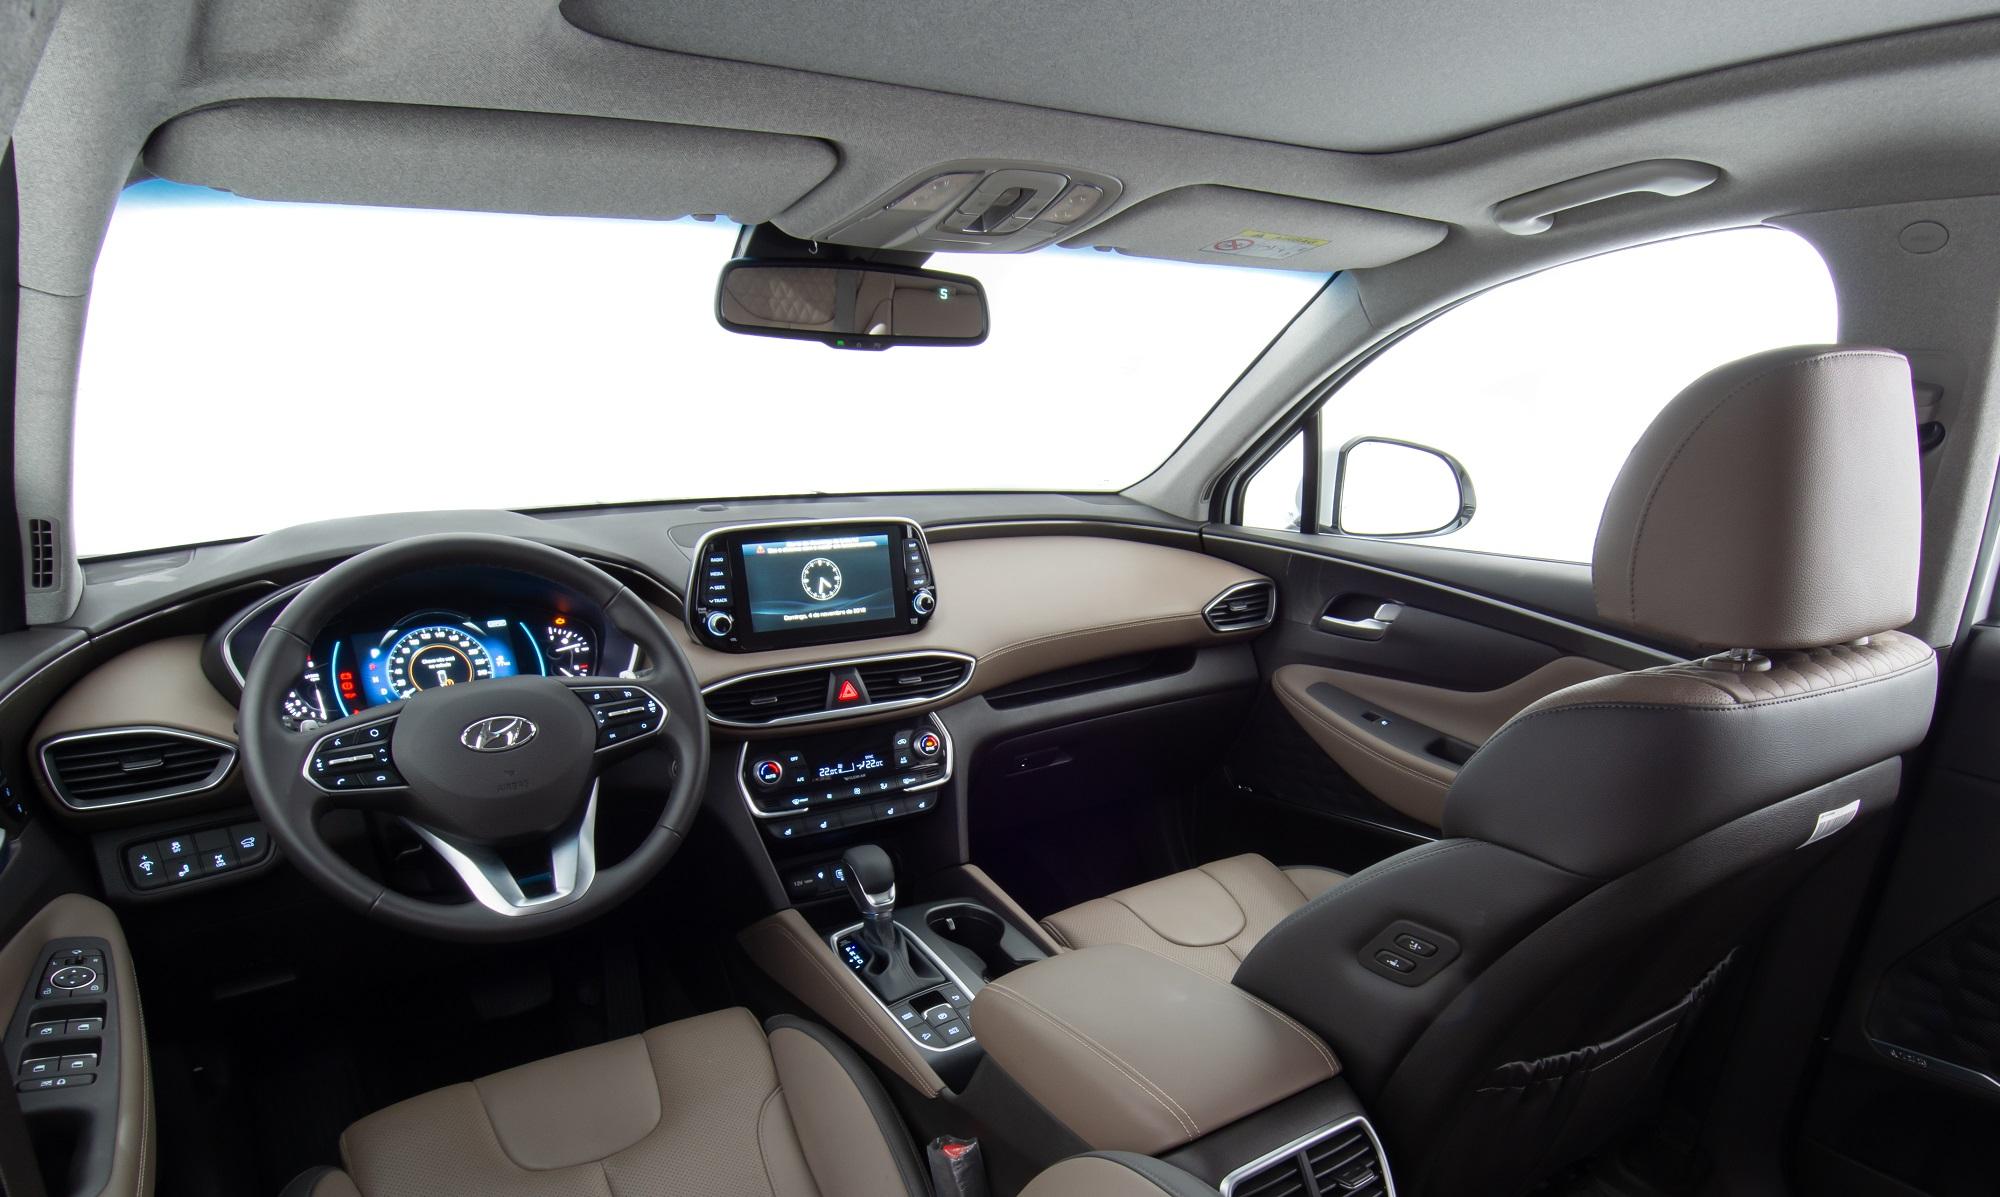 Cabine do novo Santa FE tem bancos de couro marrom com costuras aparentes, tela da cenral multimídia no alto do painel e volante com quatro raios